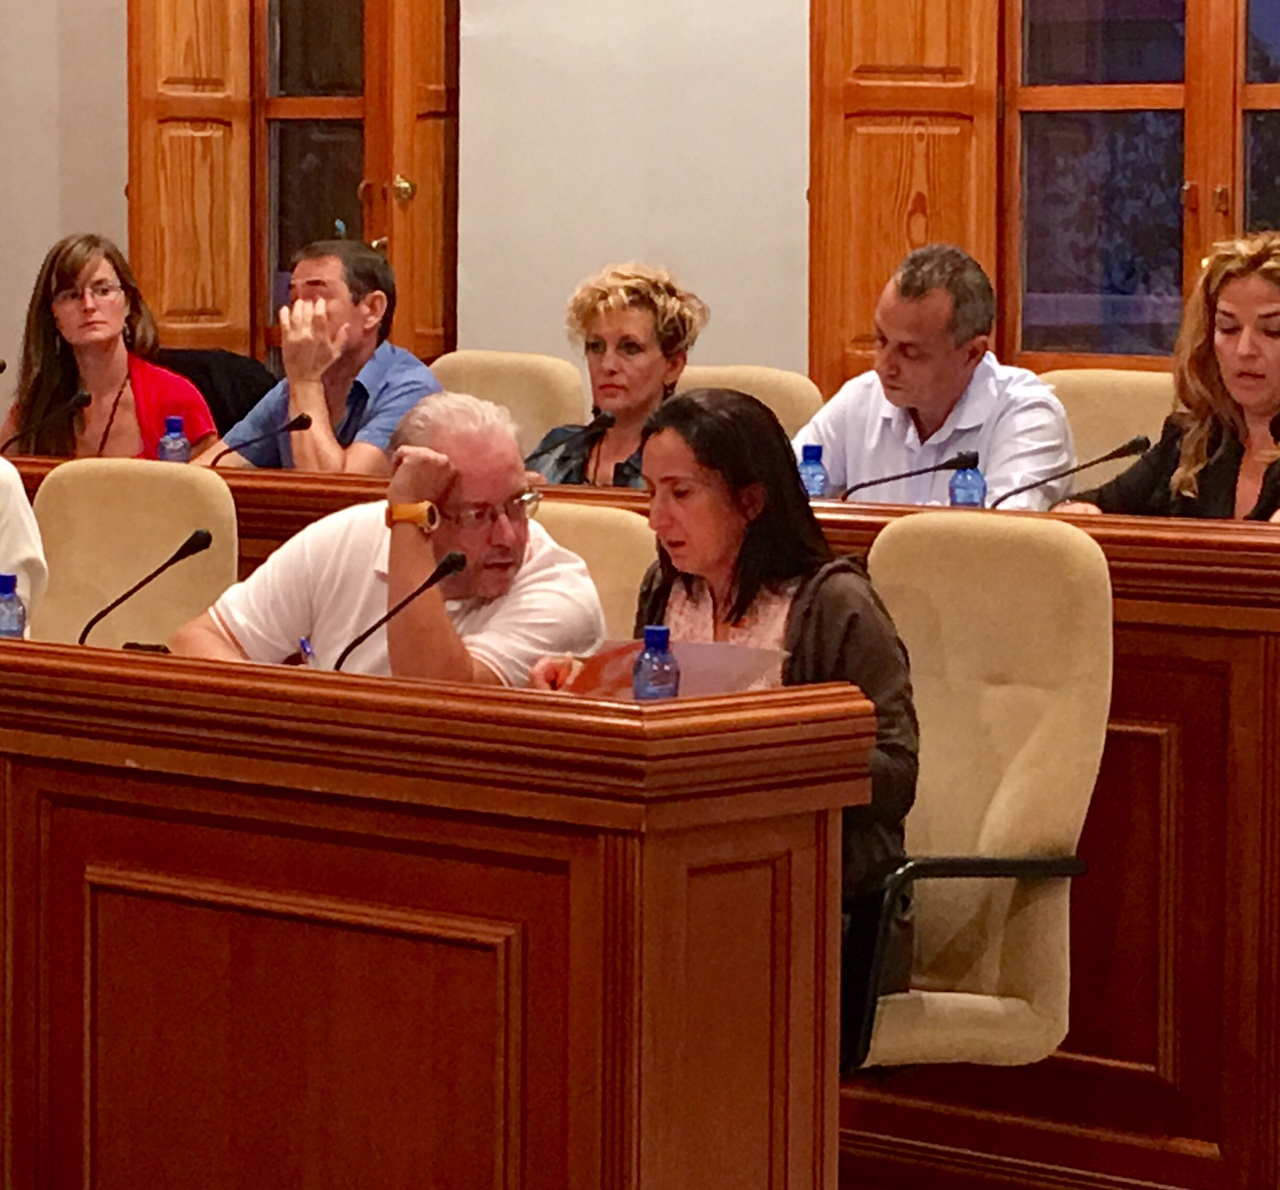 Ciudadanos de Burjassot critica el déficit presupuestario del ayuntamiento